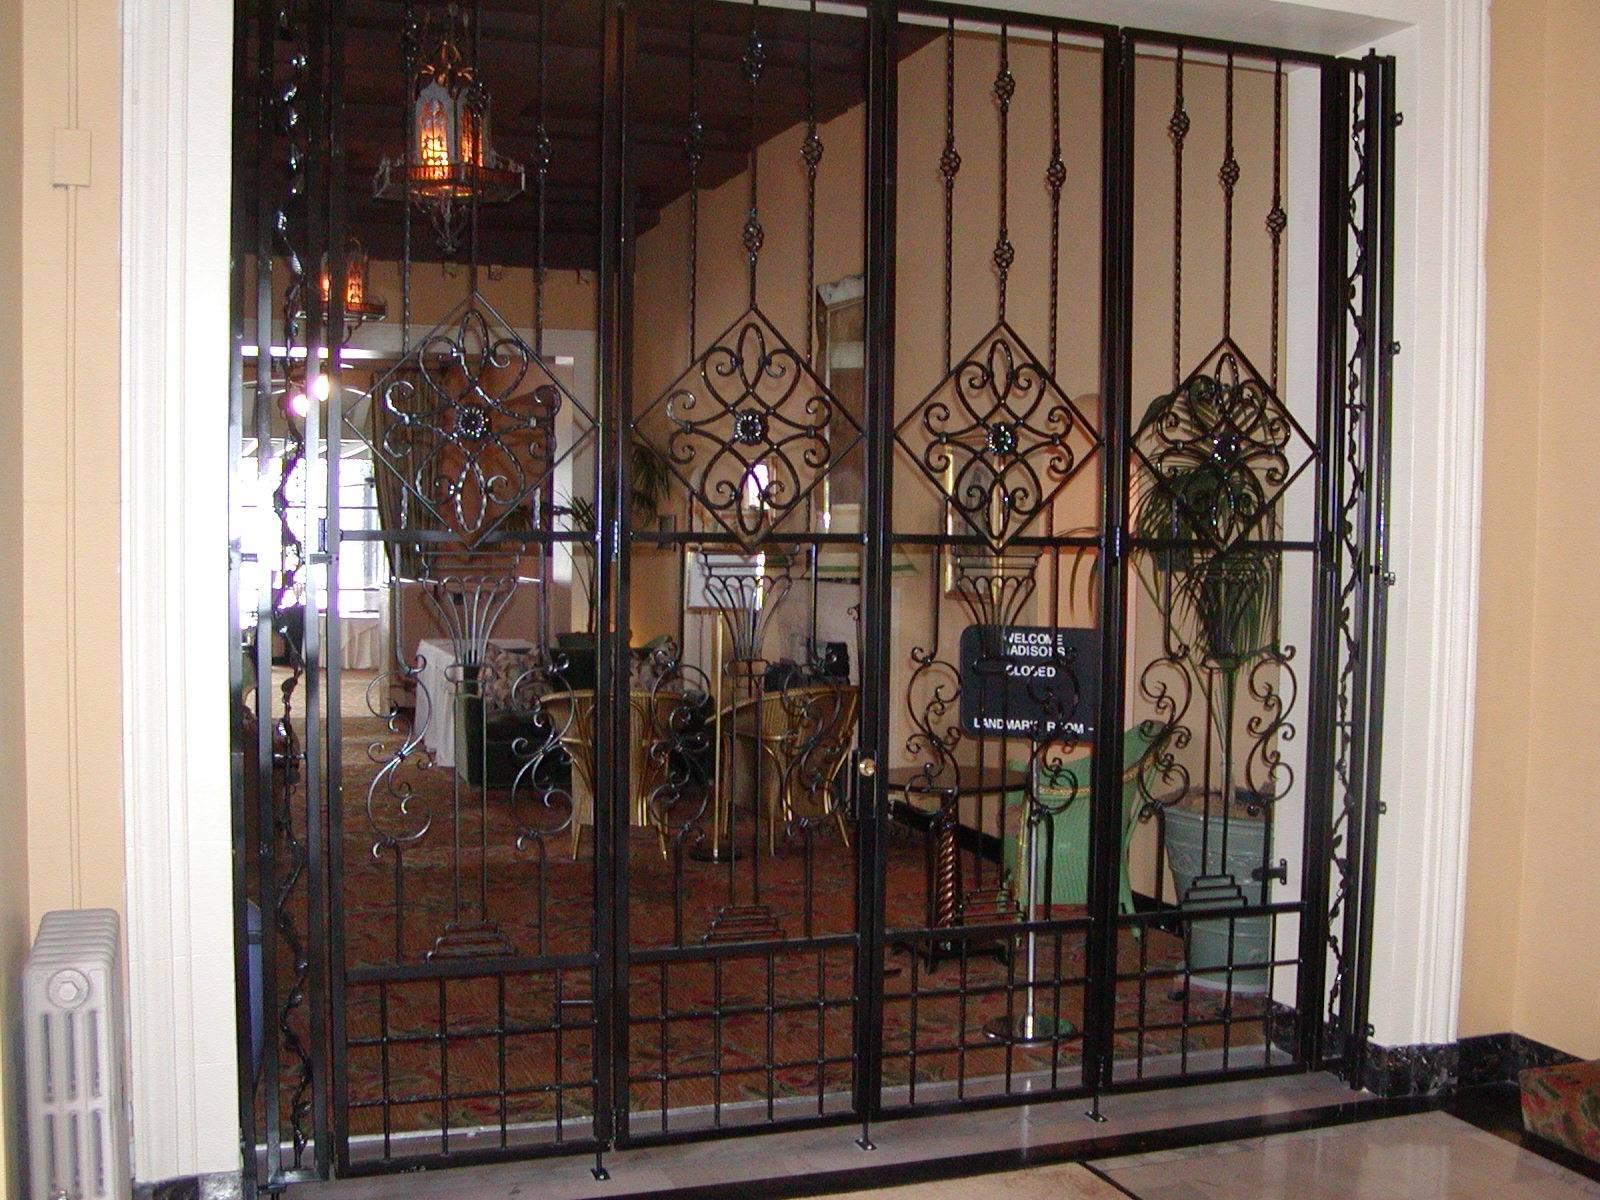 Металлические решетчатые двери: входные и уличные модели, сферы применения дверных решеток